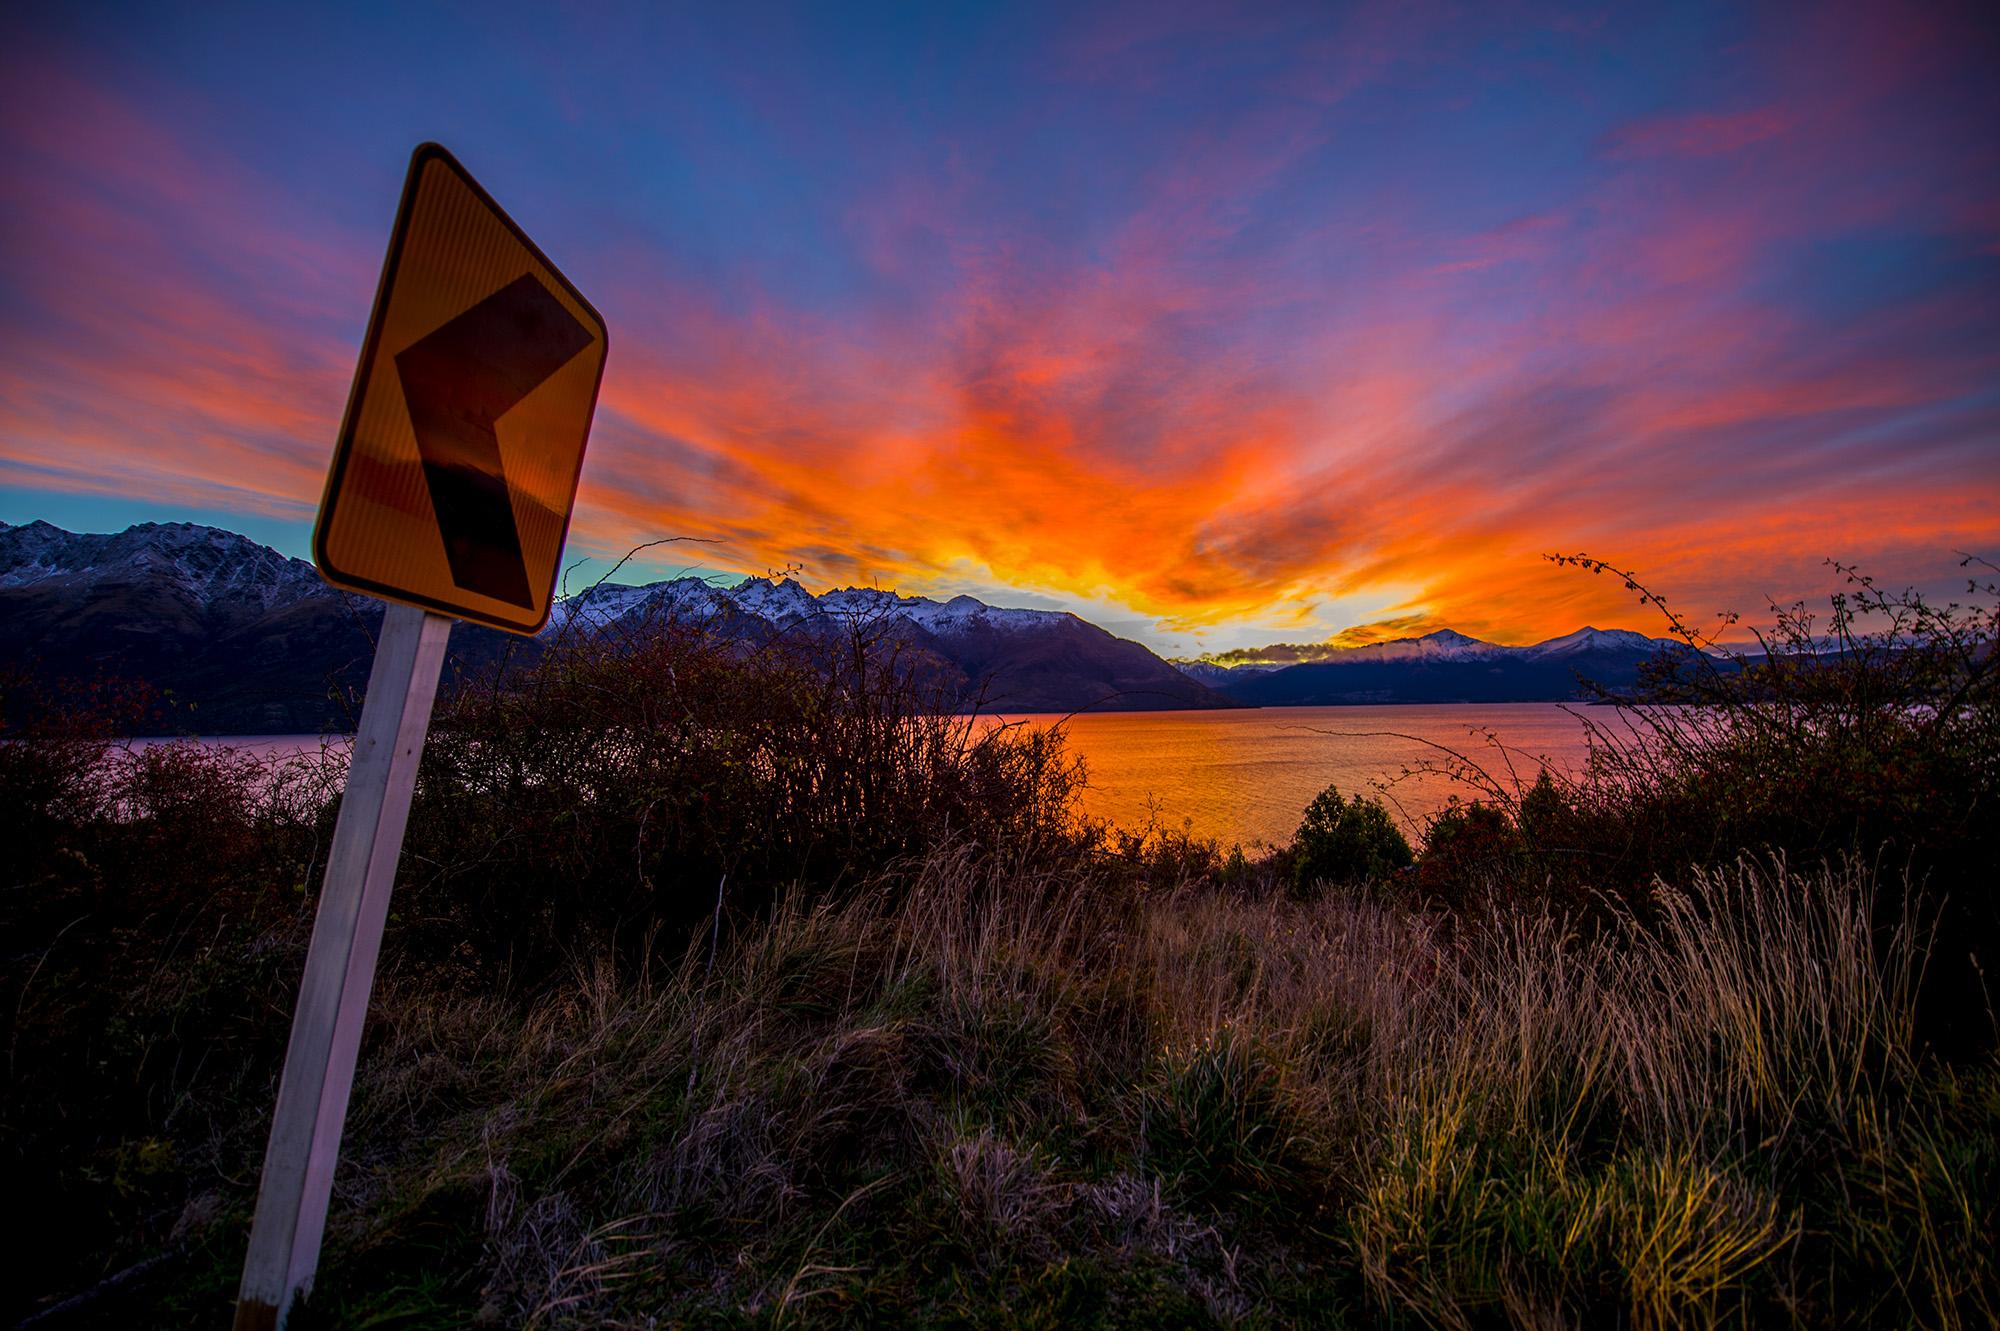 阿番作品:夕阳下的瓦卡蒂普湖